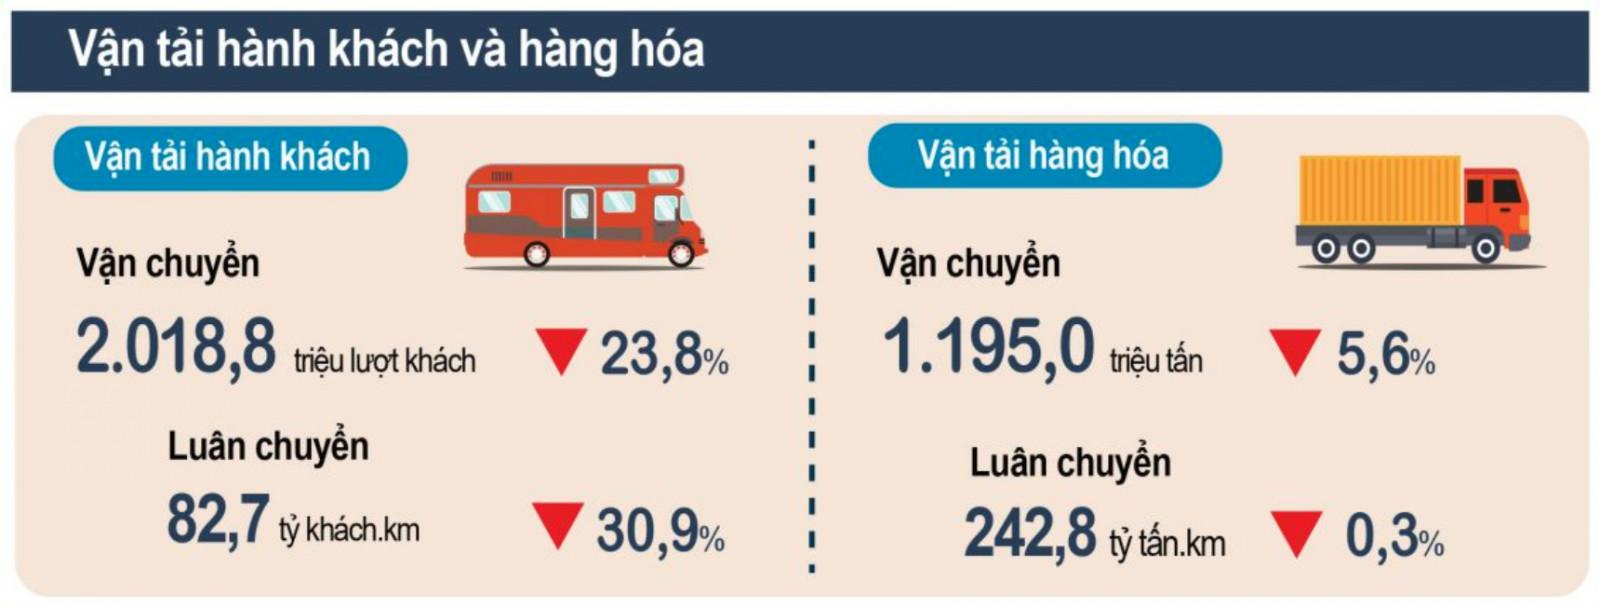 Hoạt động vận tải hành khách và hàng hóa bị ảnh hưởng nặng nề bởi dịch Covid-19. (Nguồn: Tổng cục Thống kê)